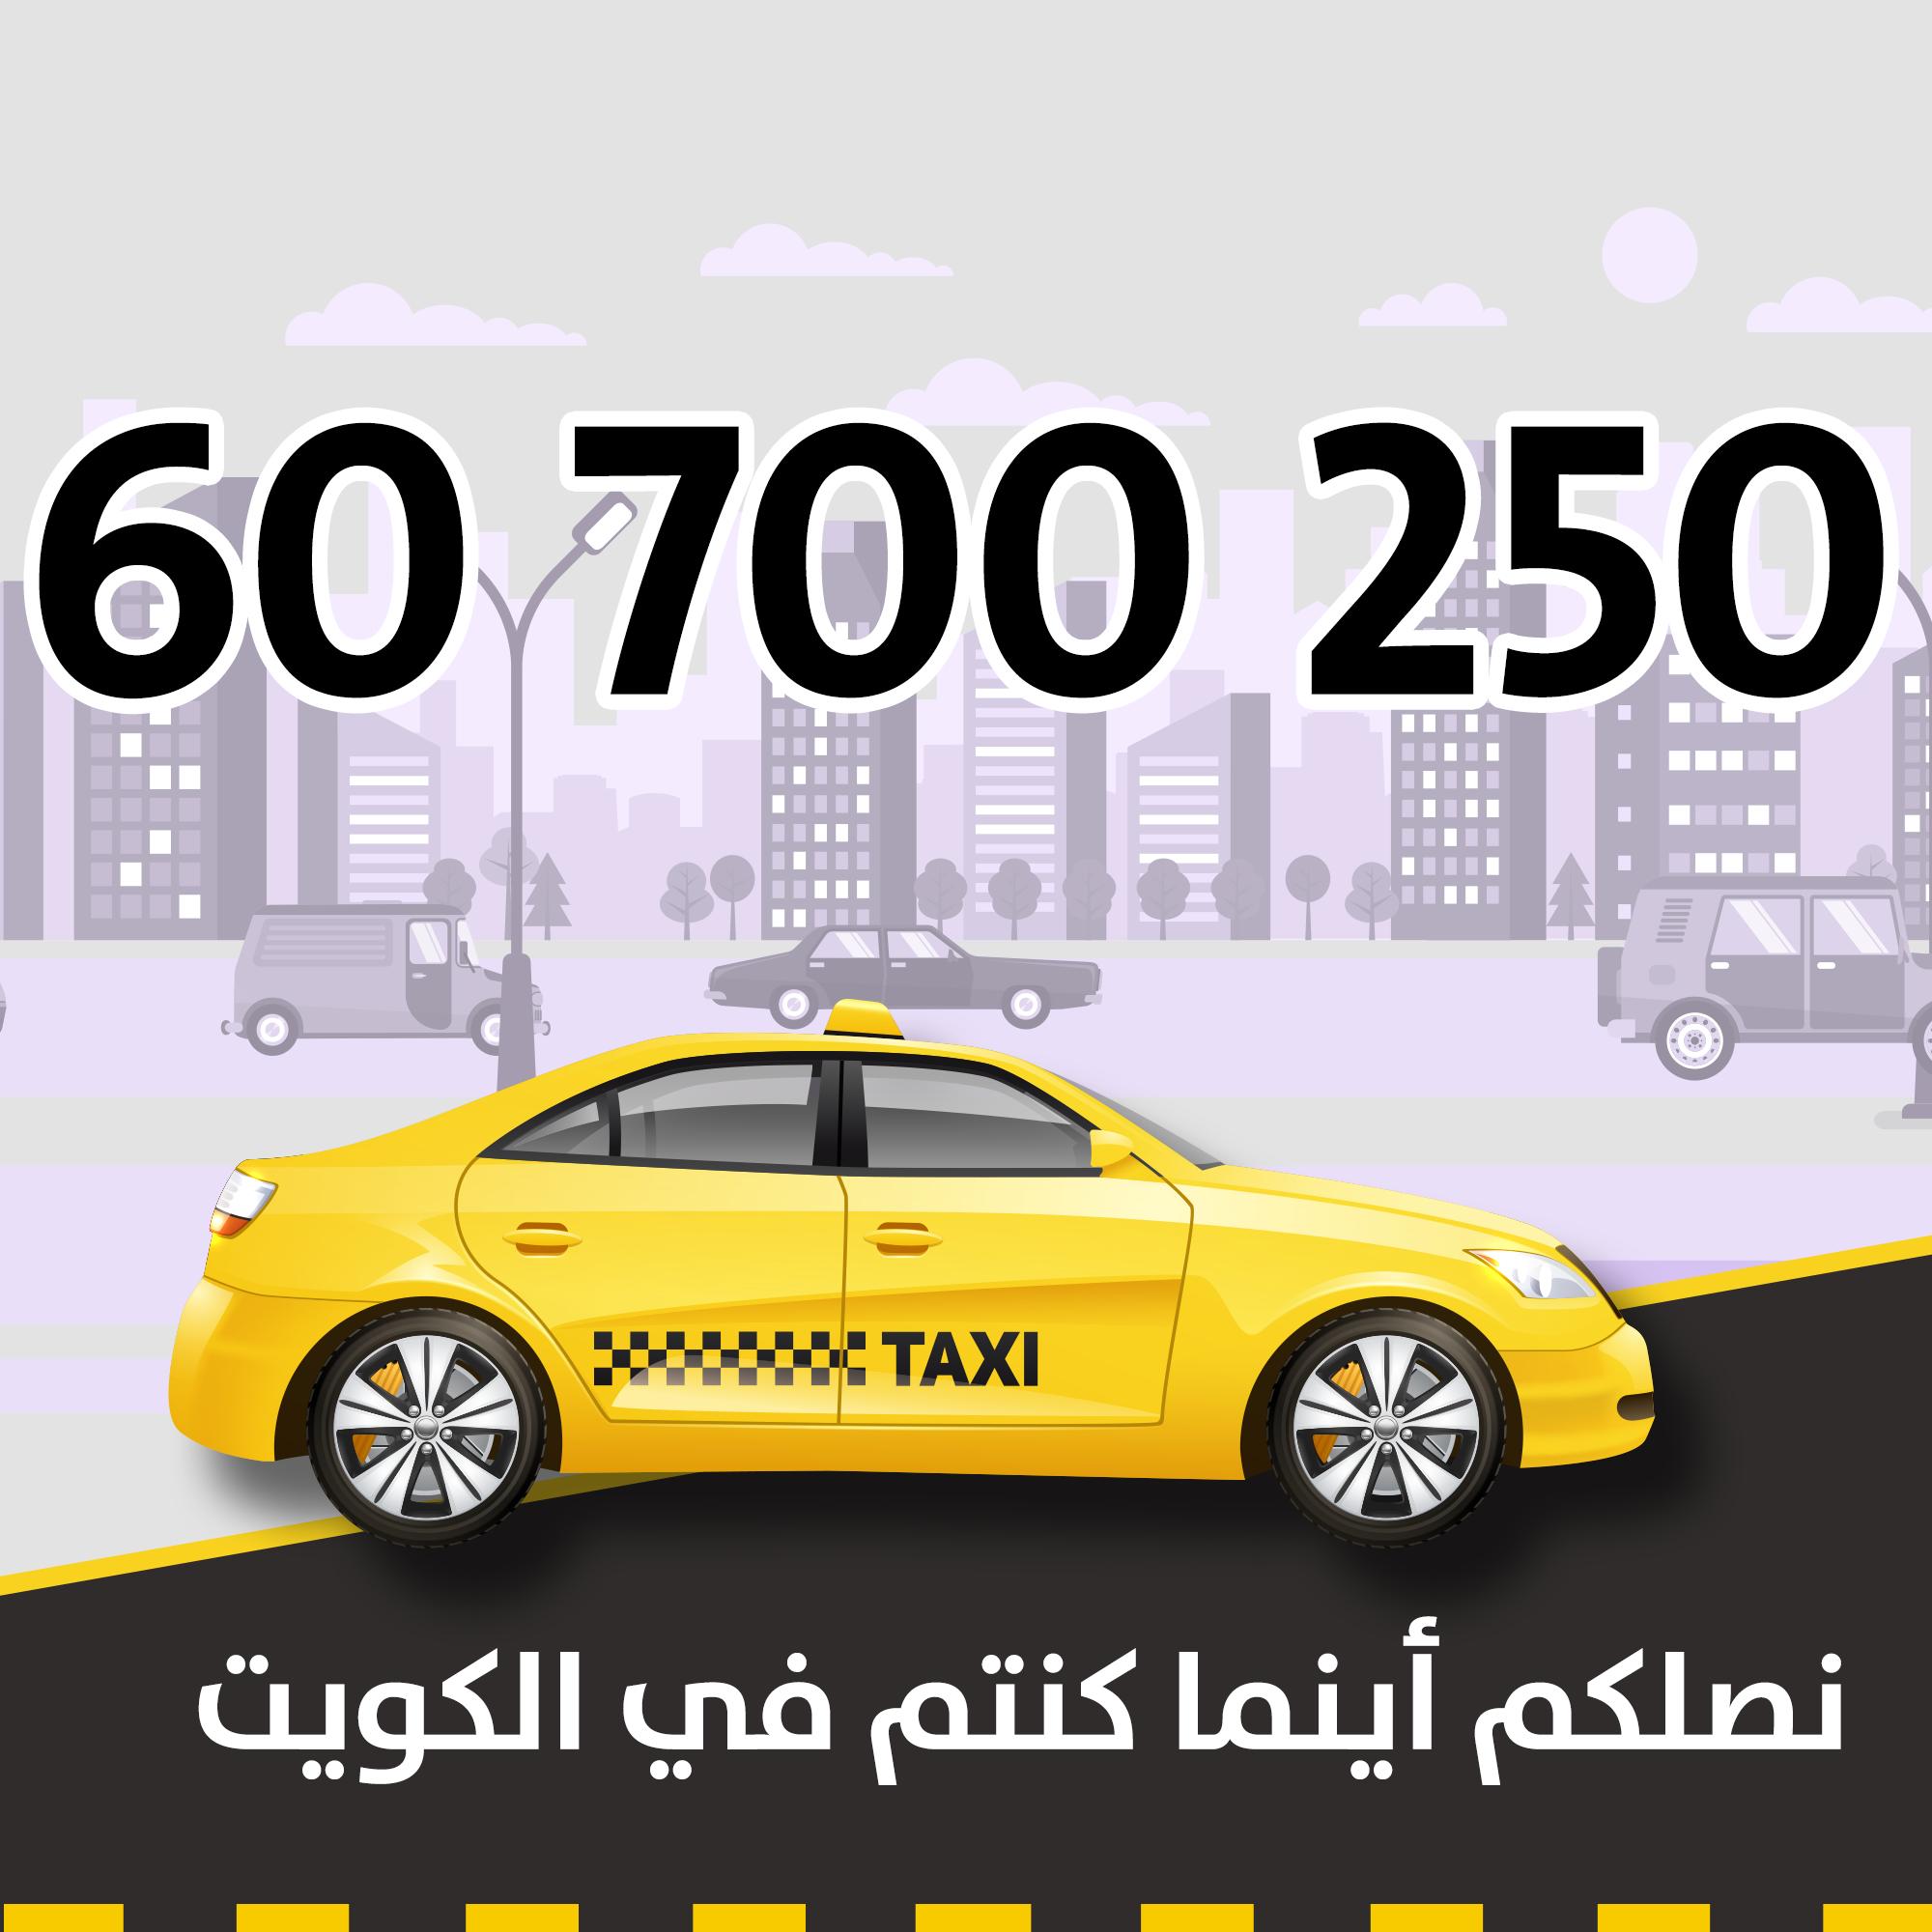 تاكسي توصيلة في شارع ربيعة